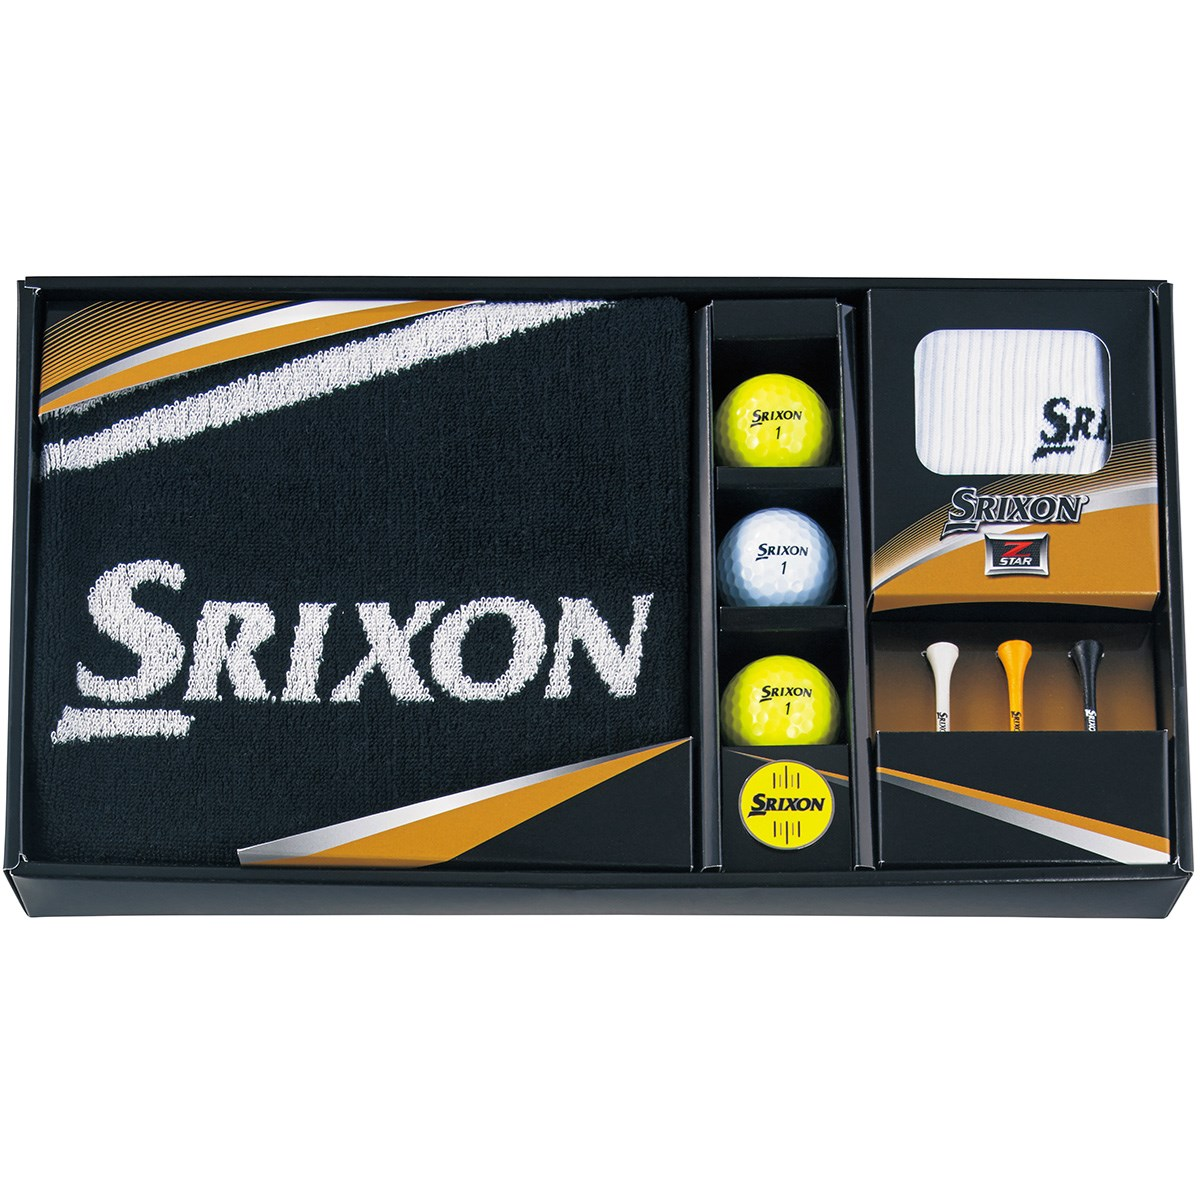 ダンロップ(DUNLOP) ギフトセット SRIXON Z-STAR ボール入り